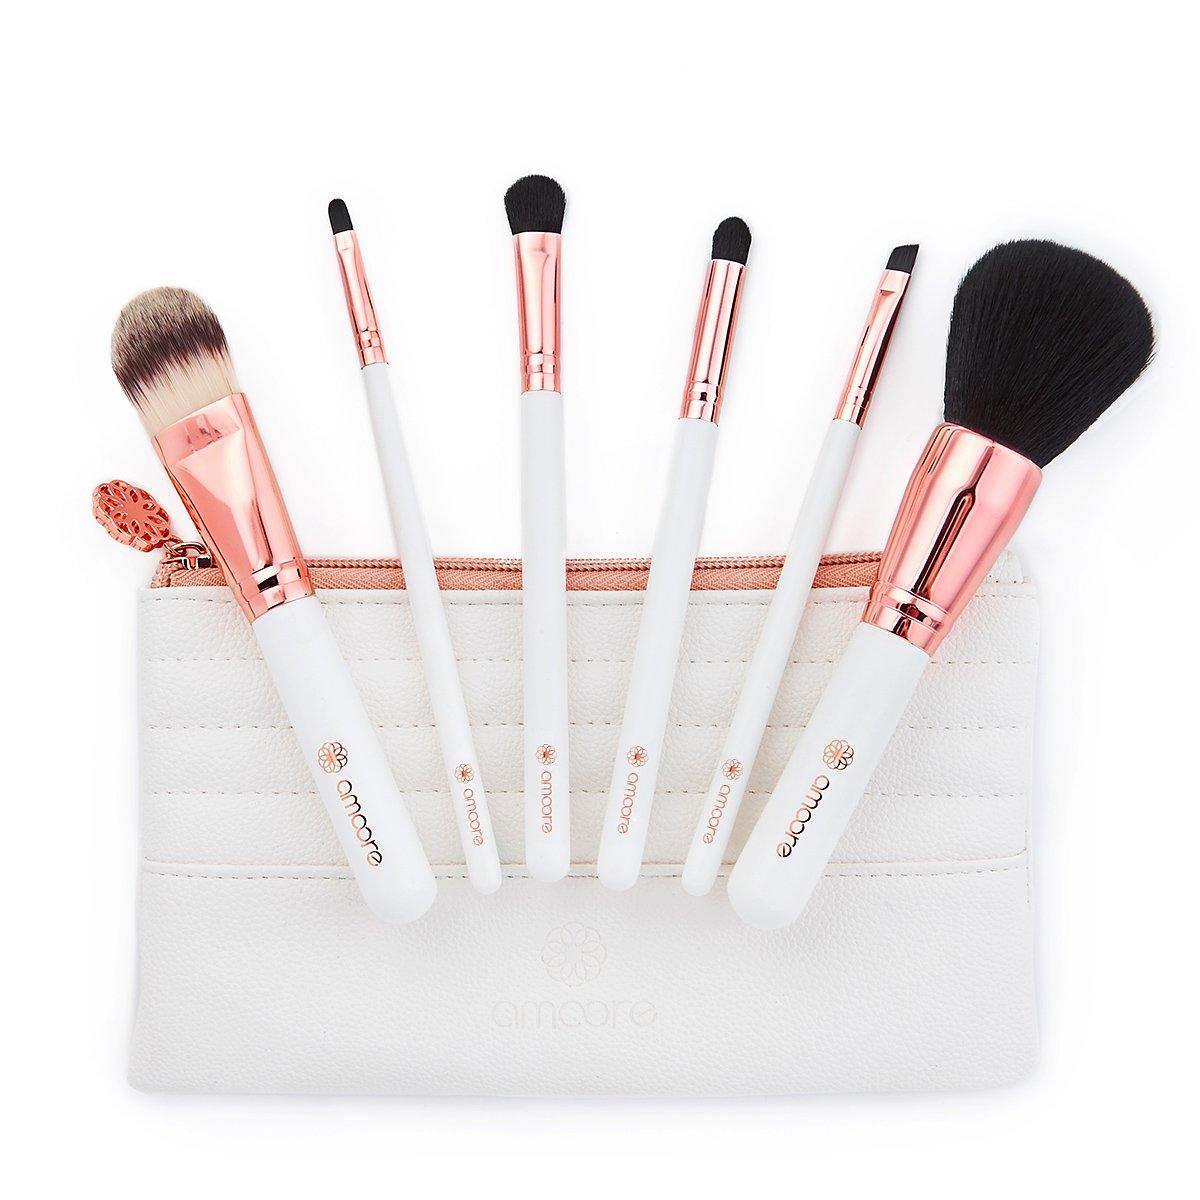 amoore 6 pcs Brochas de Maquillaje para Base Colorete Sombra de Ojos Cejas Pestaña y Labios (6 Pcs, Blanco) W6-01